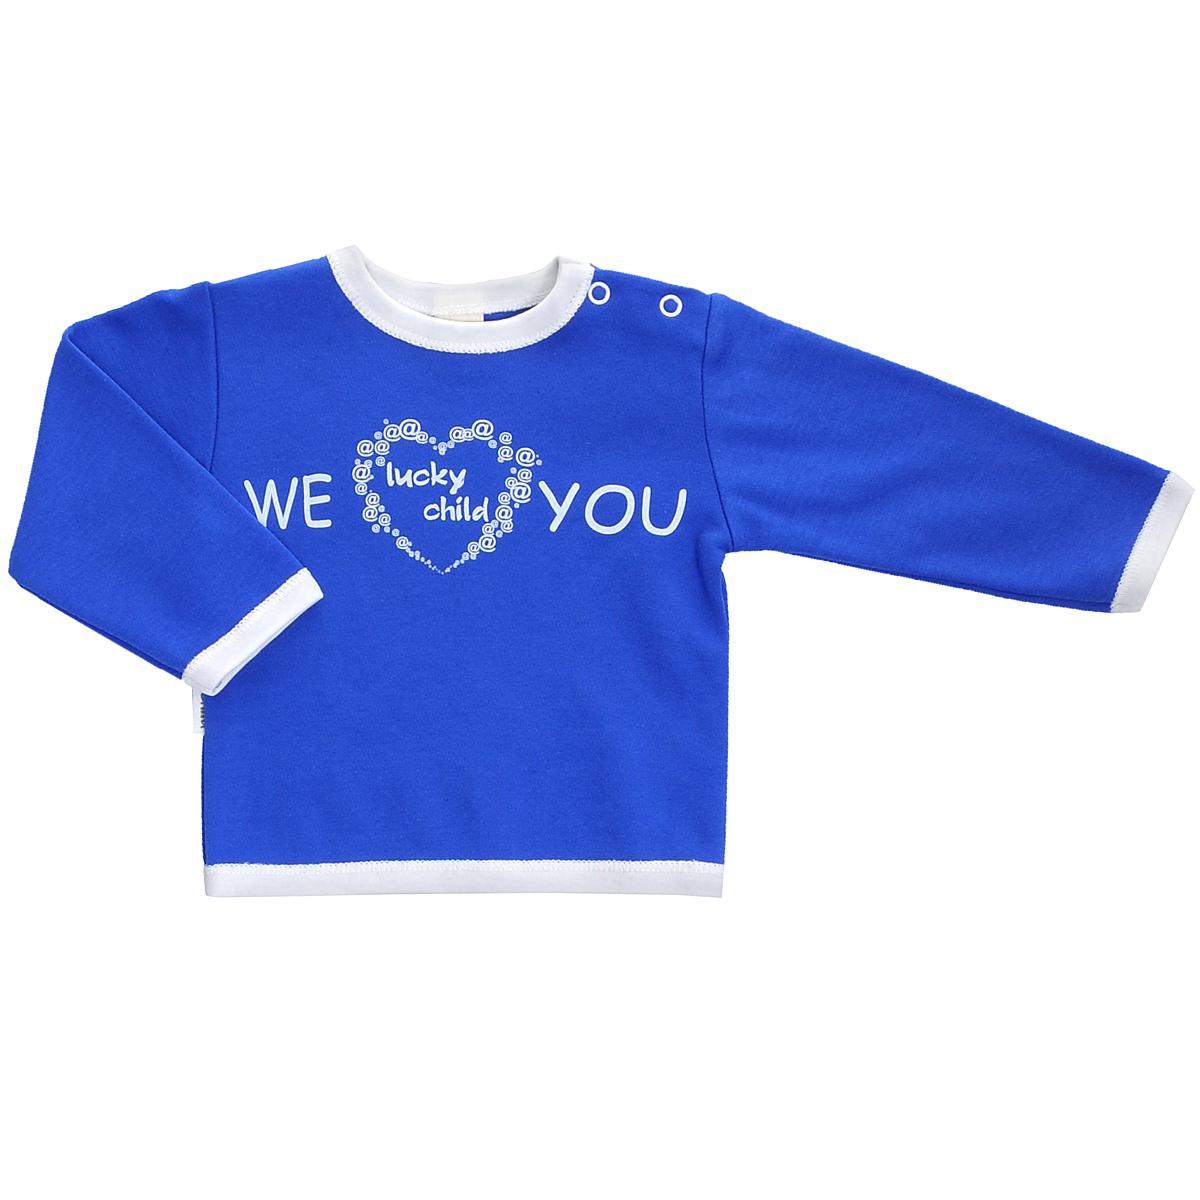 Футболка9-32Красивая футболка для мальчика Lucky Child идеально подойдет вашему маленькому мужчине. Изготовленная из натурального хлопка, она необычайно мягкая и приятная на ощупь, не сковывает движения малыша и позволяет коже дышать, не раздражает даже самую нежную и чувствительную кожу ребенка, обеспечивая ему наибольший комфорт. Футболка с длинными рукавами и круглым вырезом горловины имеет кнопки по плечу, которые позволяют без труда переодеть младенца. Вырез горловины, низ рукавов и низ изделия дополнены трикотажной резинкой. Спереди она оформлена оригинальный принтом. Оригинальный современный дизайн и модная расцветка делают эту футболку модным и стильным предметом детского гардероба. В ней ваш малыш будет чувствовать себя уютно и комфортно, и всегда будет в центре внимания!